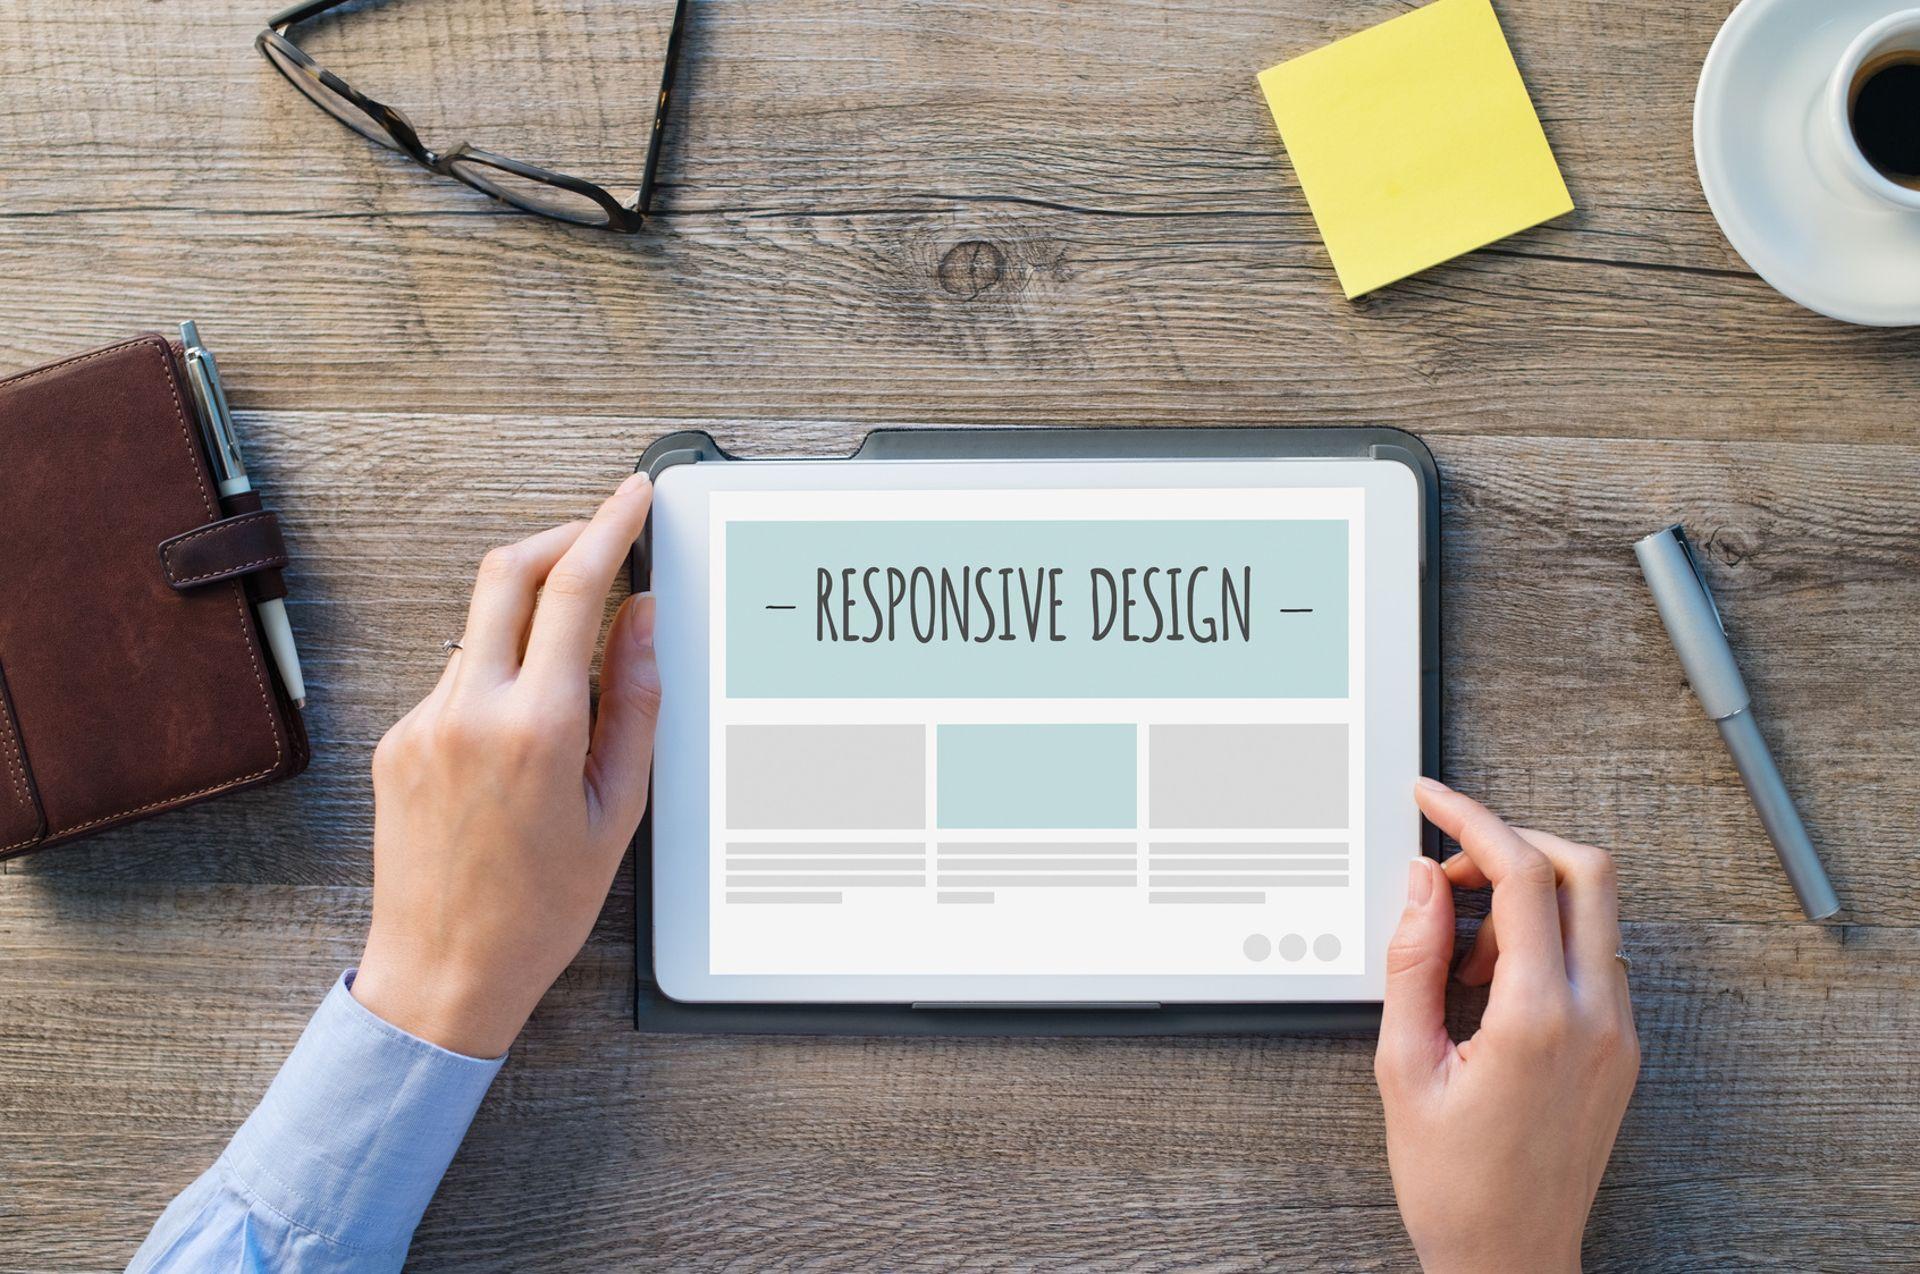 Diseño web responsive en tu nueva página web en Castelldefels